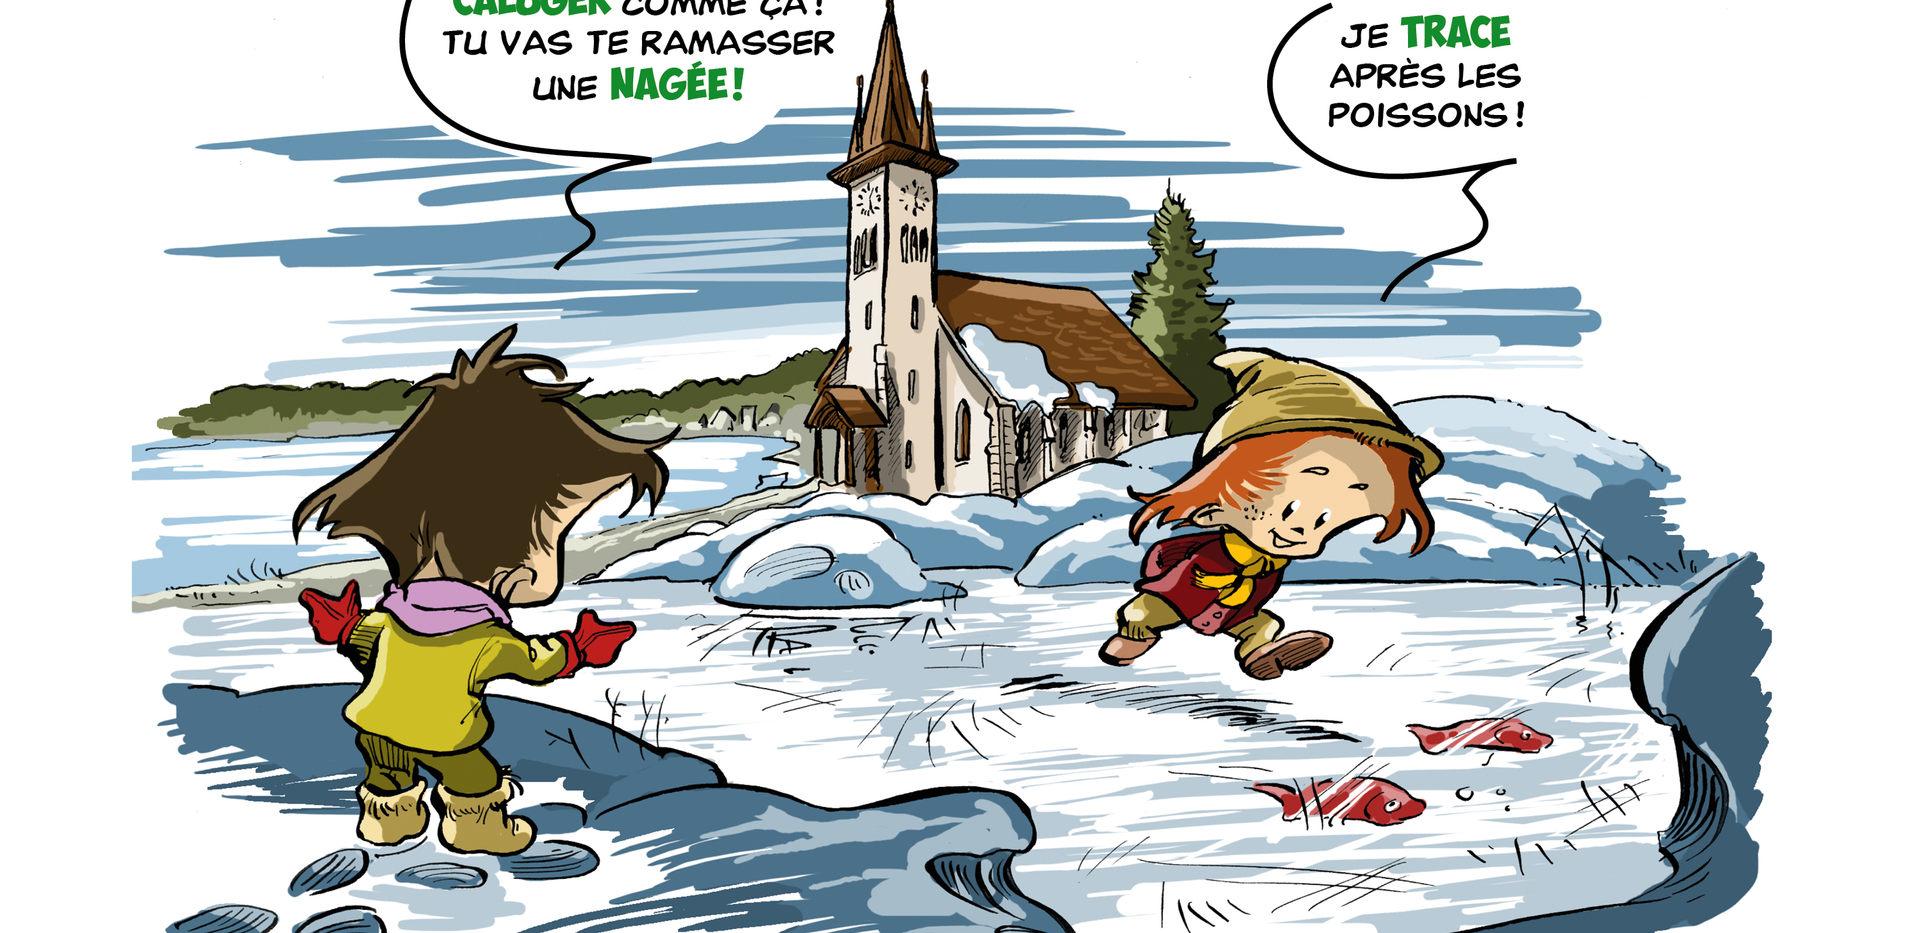 Vaudoiseries-image2.jpg